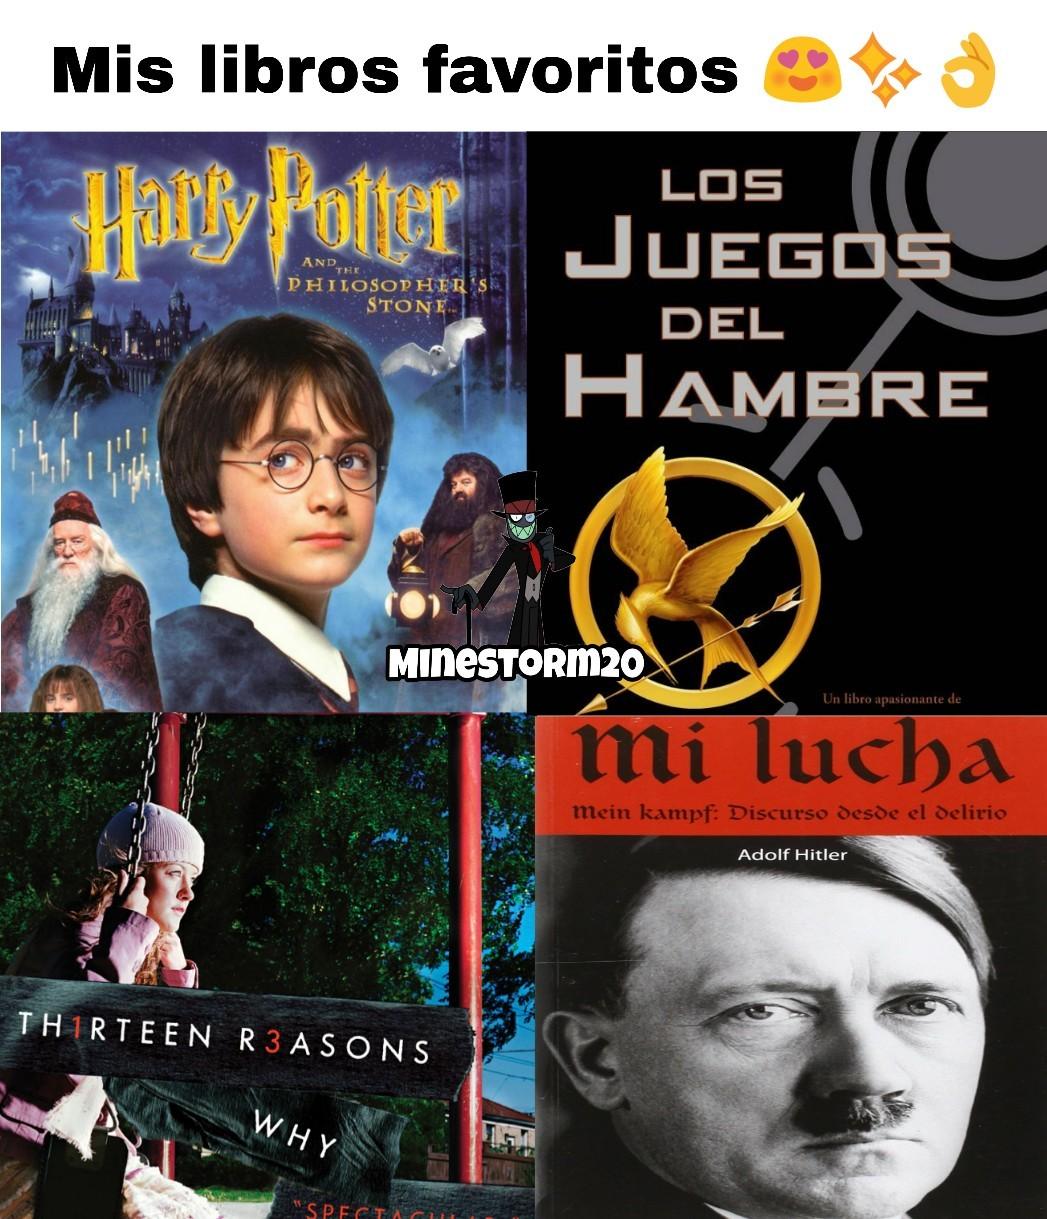 Hitler es el mejor personaje - meme